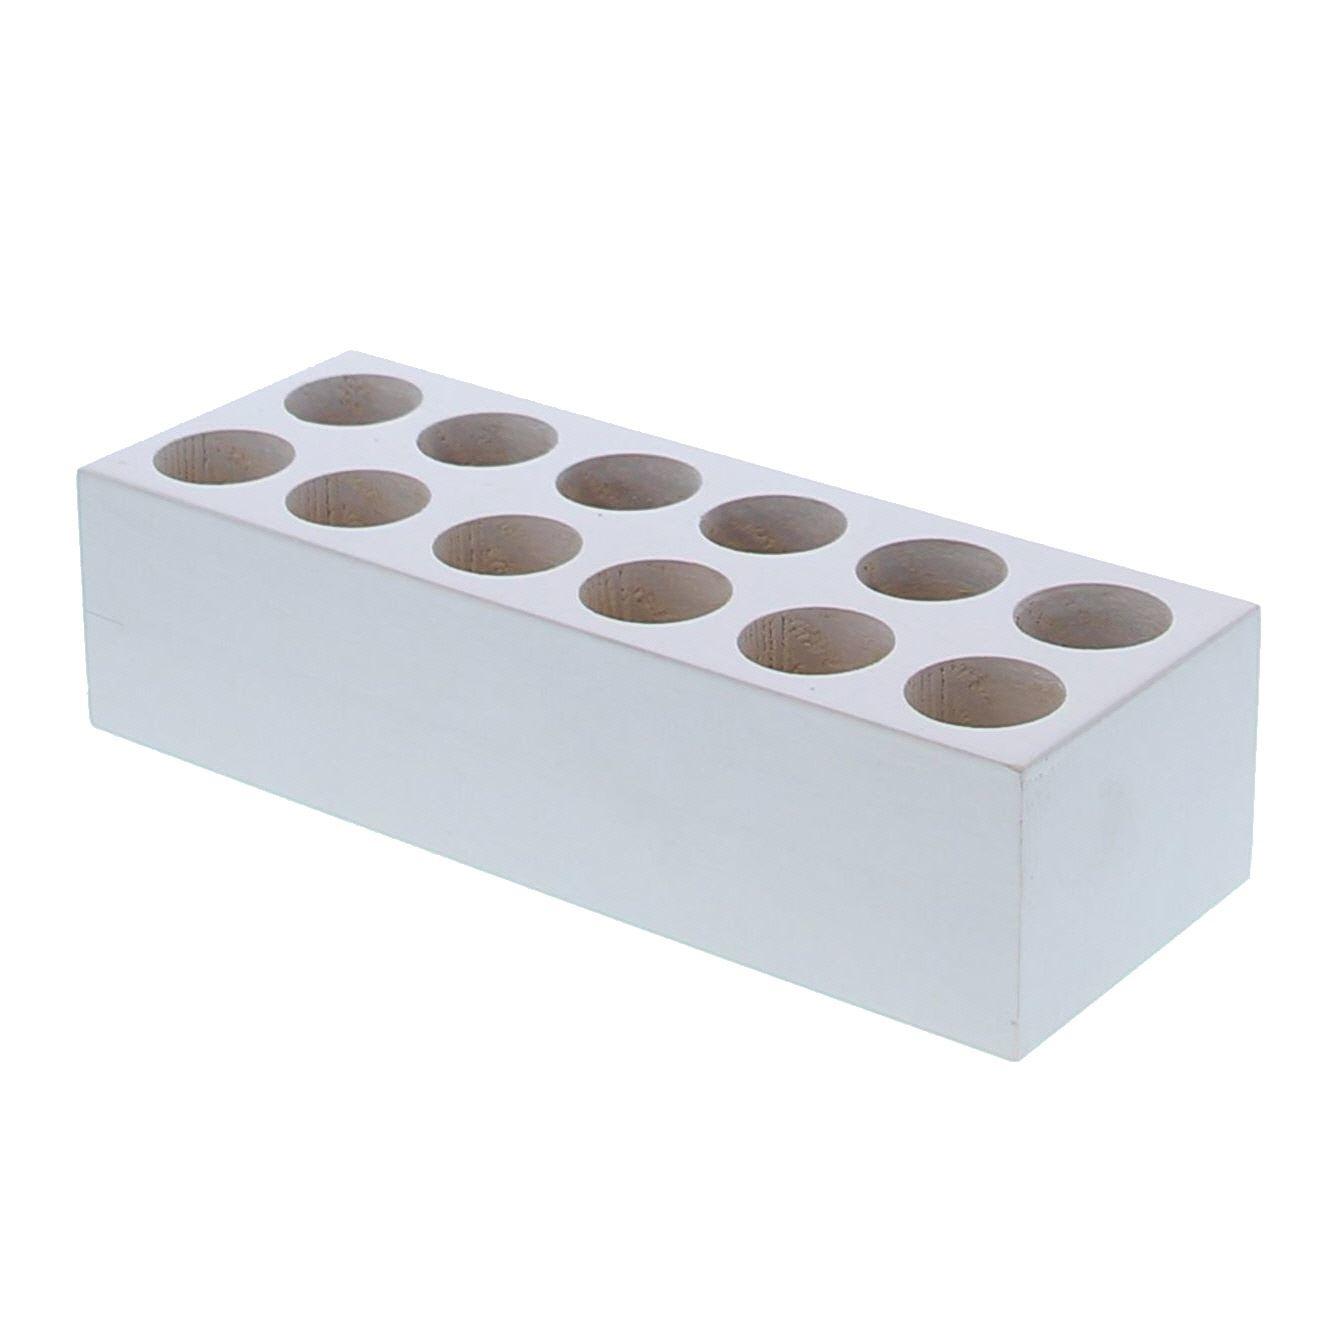 Rechthoekig blok voor 12 proefbuisjes  - wit  - 200*70*50mm - 8 stuks